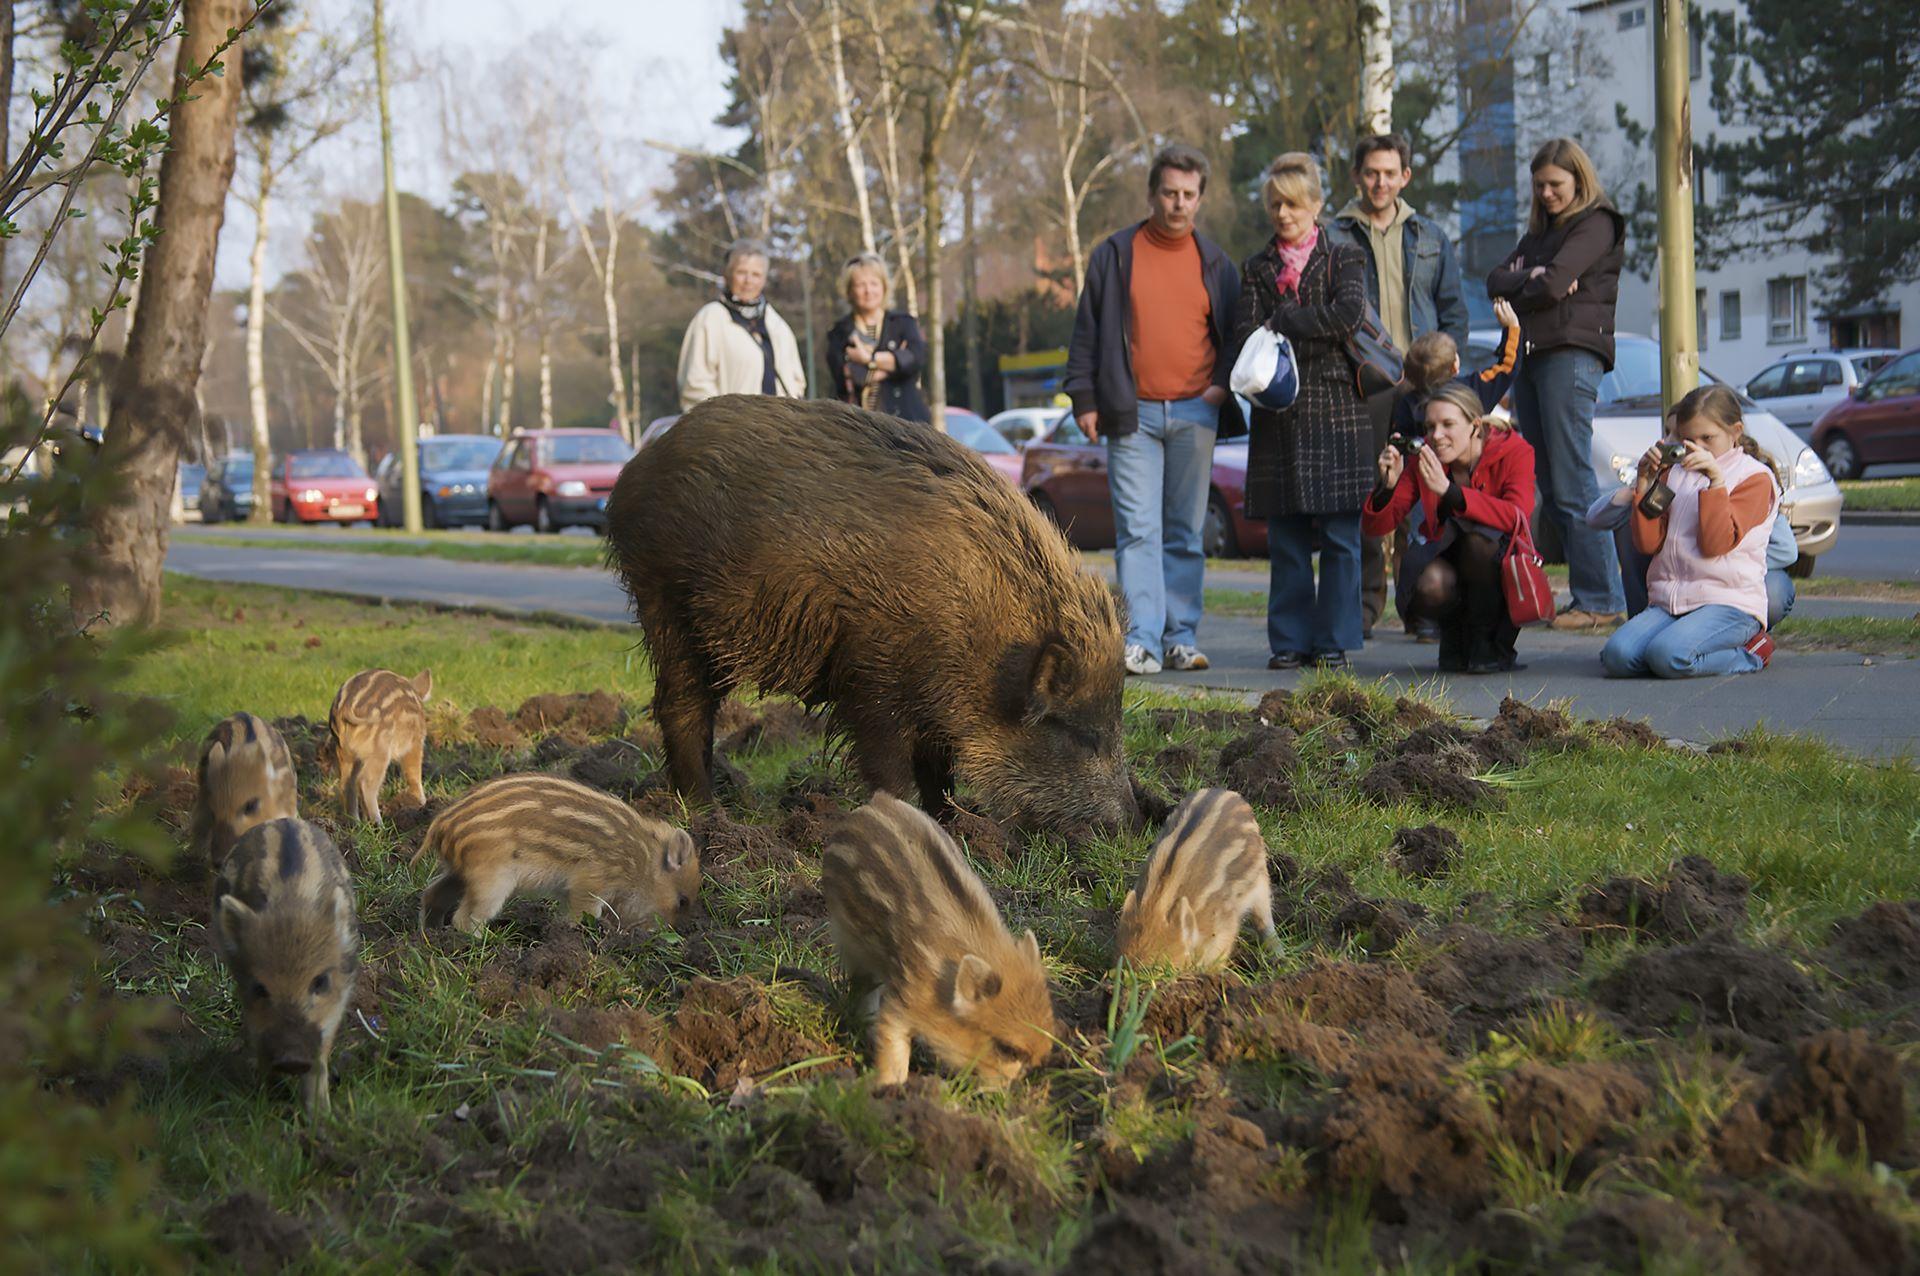 Wildschwein (Sus scrofa), Bache und Frischlinge wühlen in einem Vorgarten an der Argentinischen Allee, Berlin, Deutschland. Wild boar, sow and piglets grubbing in a frontyard in Berlin, Germany.